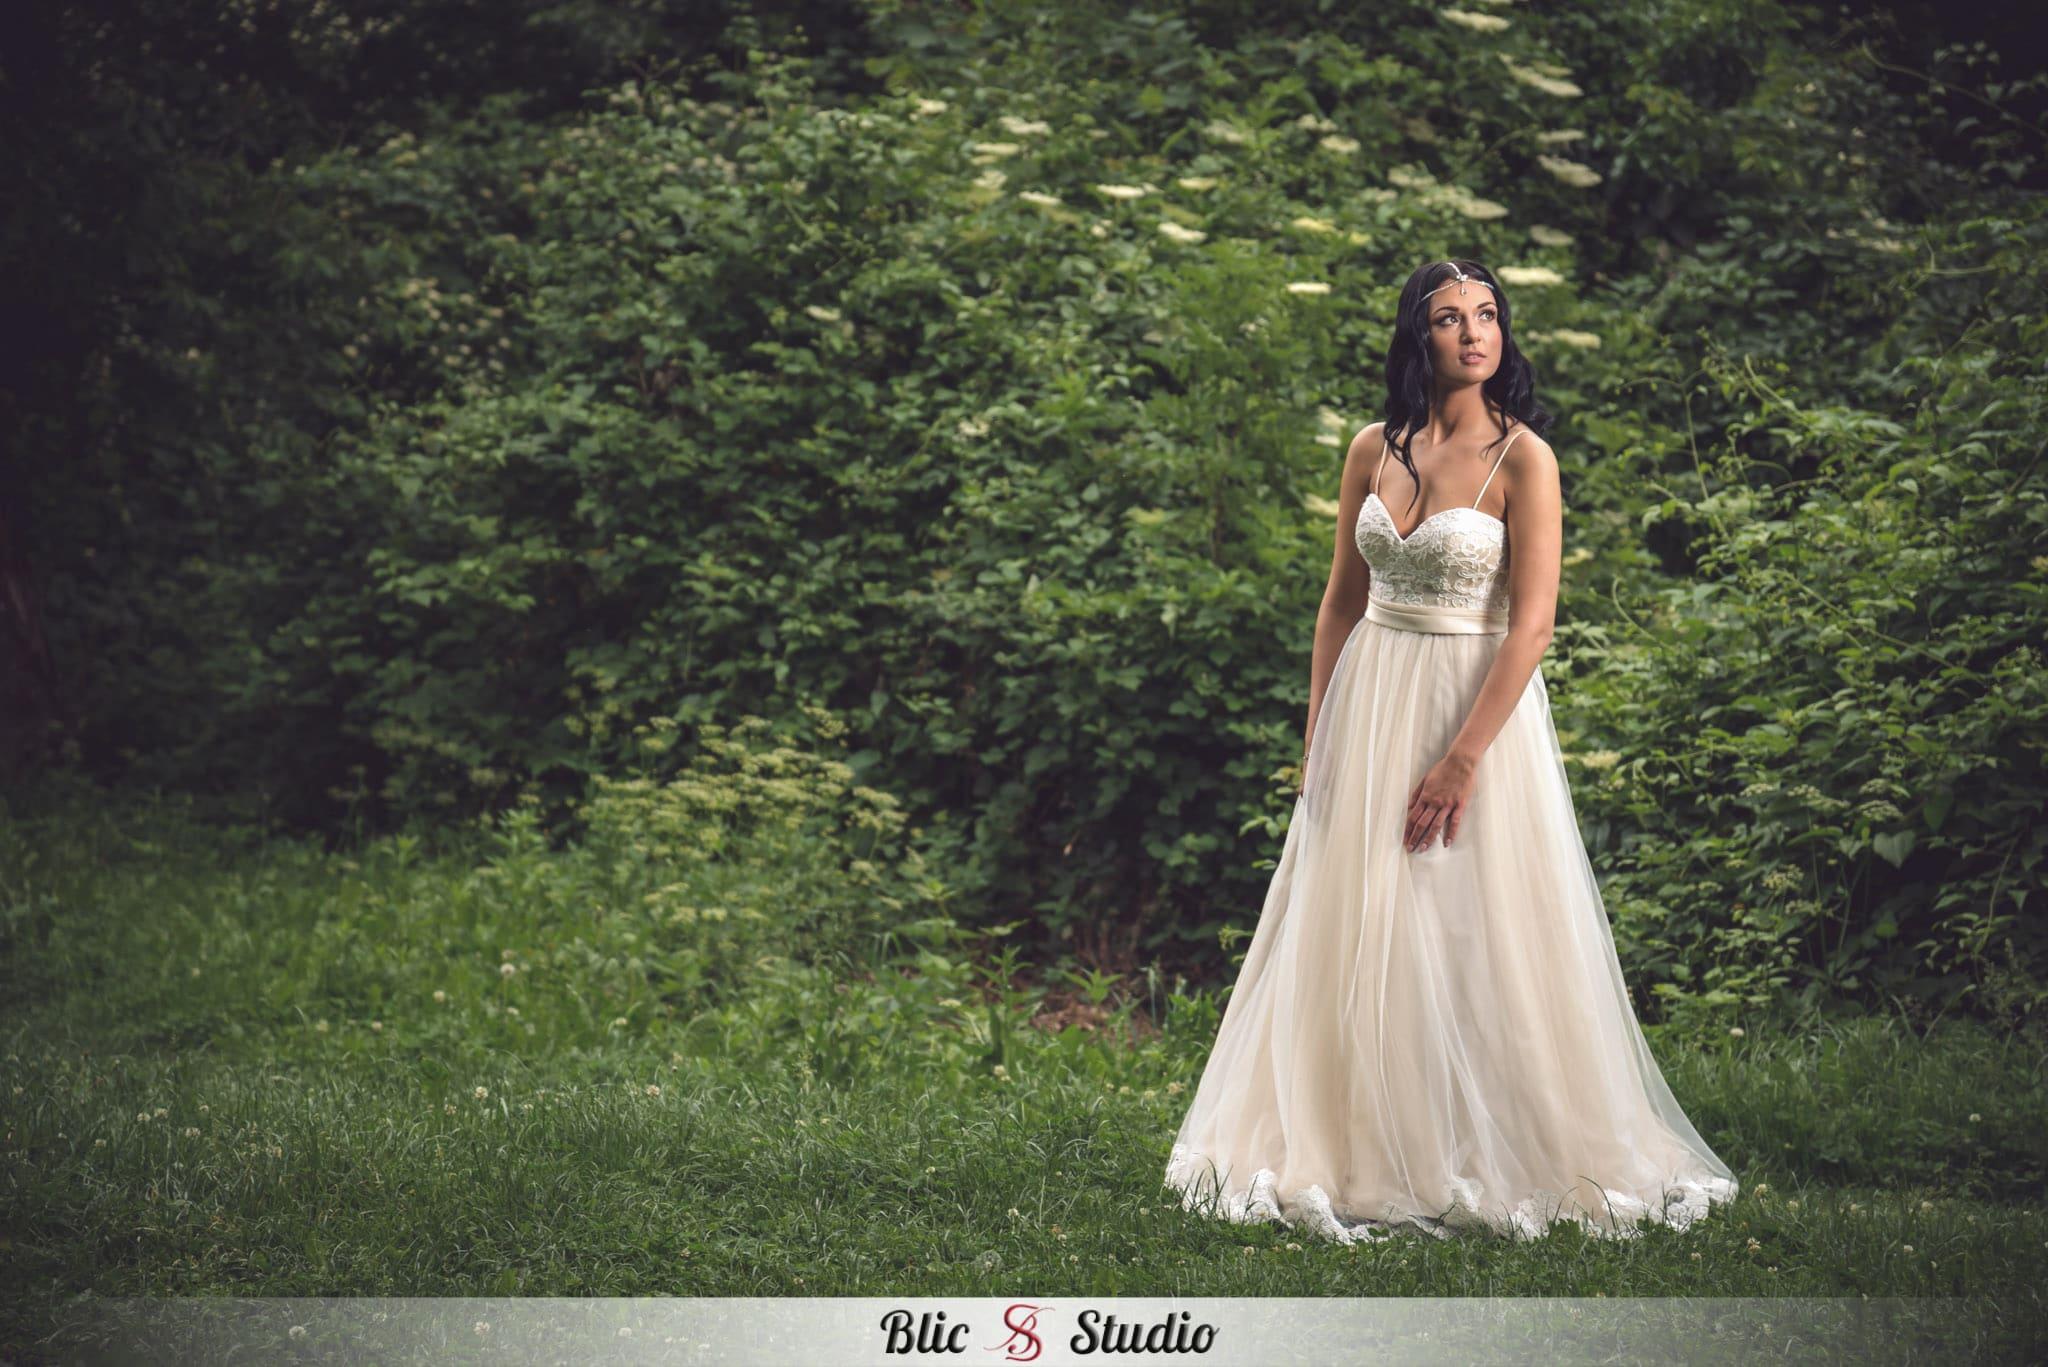 Fotograf_za_vjenčanje_foto_studio_blic_marincel (1)